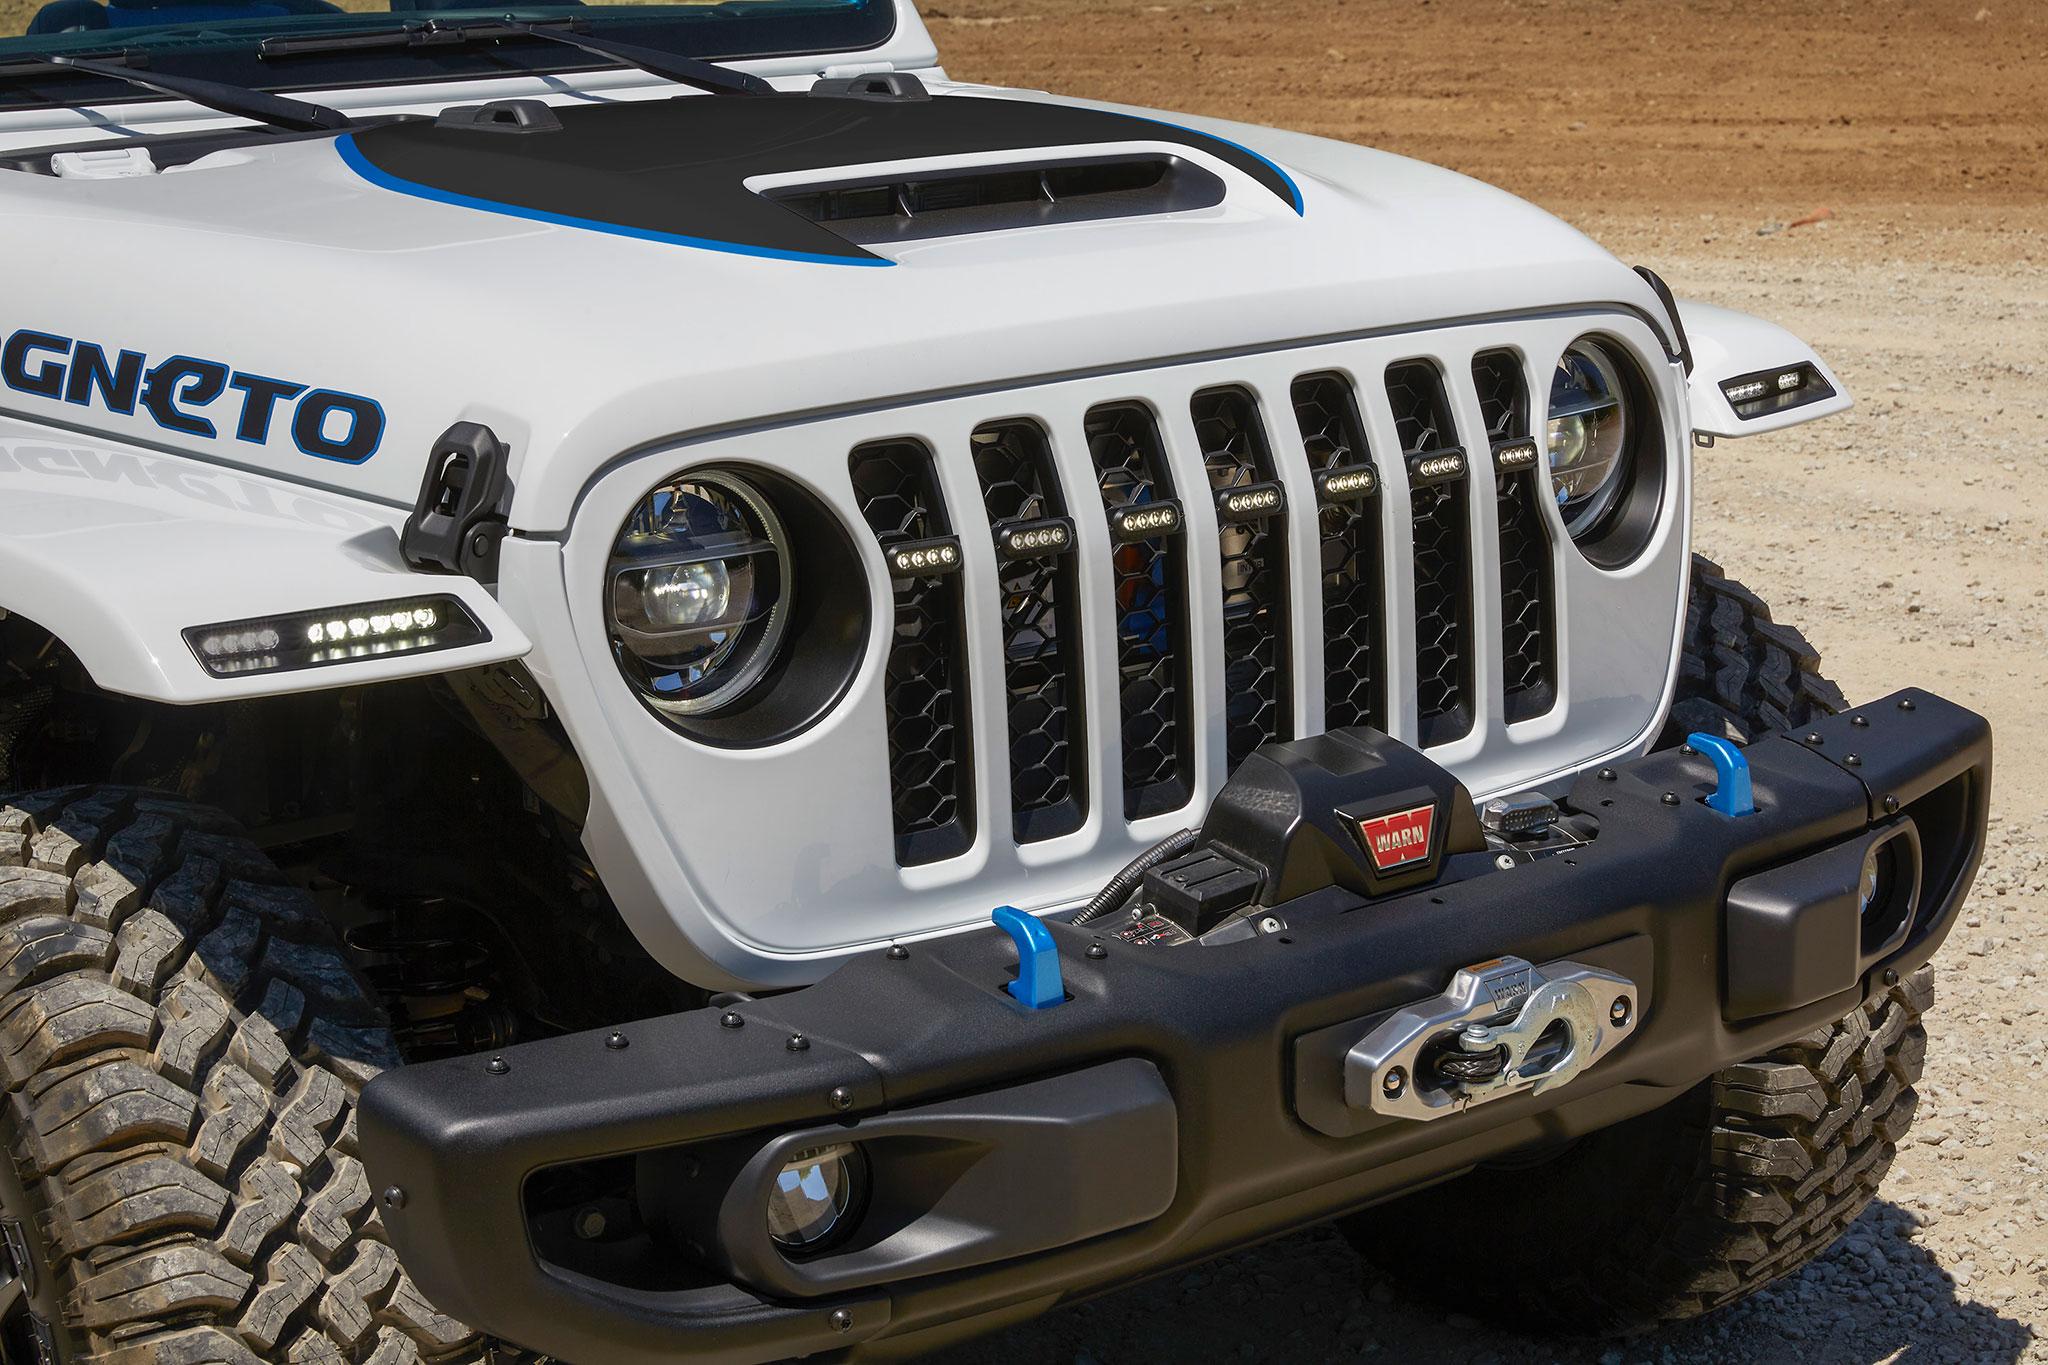 2021 Jeep Wrangler Magneto Concept détail de la calandre avant avec treuil dans le pare-chocs - Concept Cars de Jeep®.